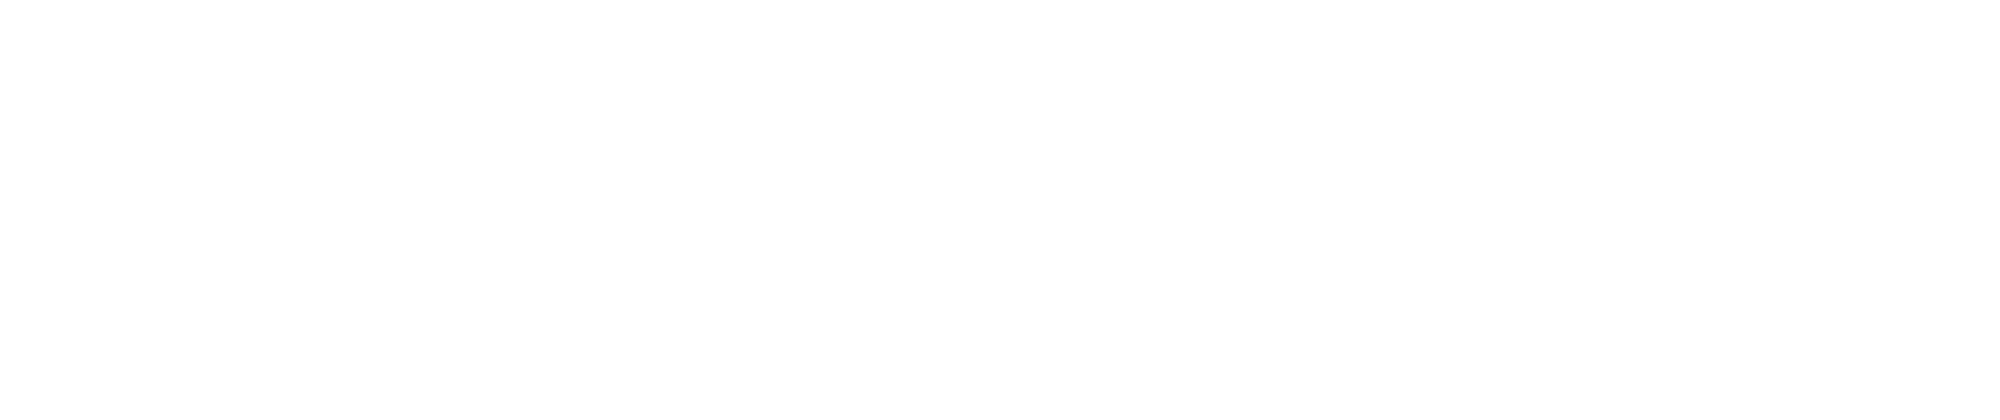 Auto Stadler - Ankauf / Verkauf von Gebrauchtfahrzeugen in Creußen